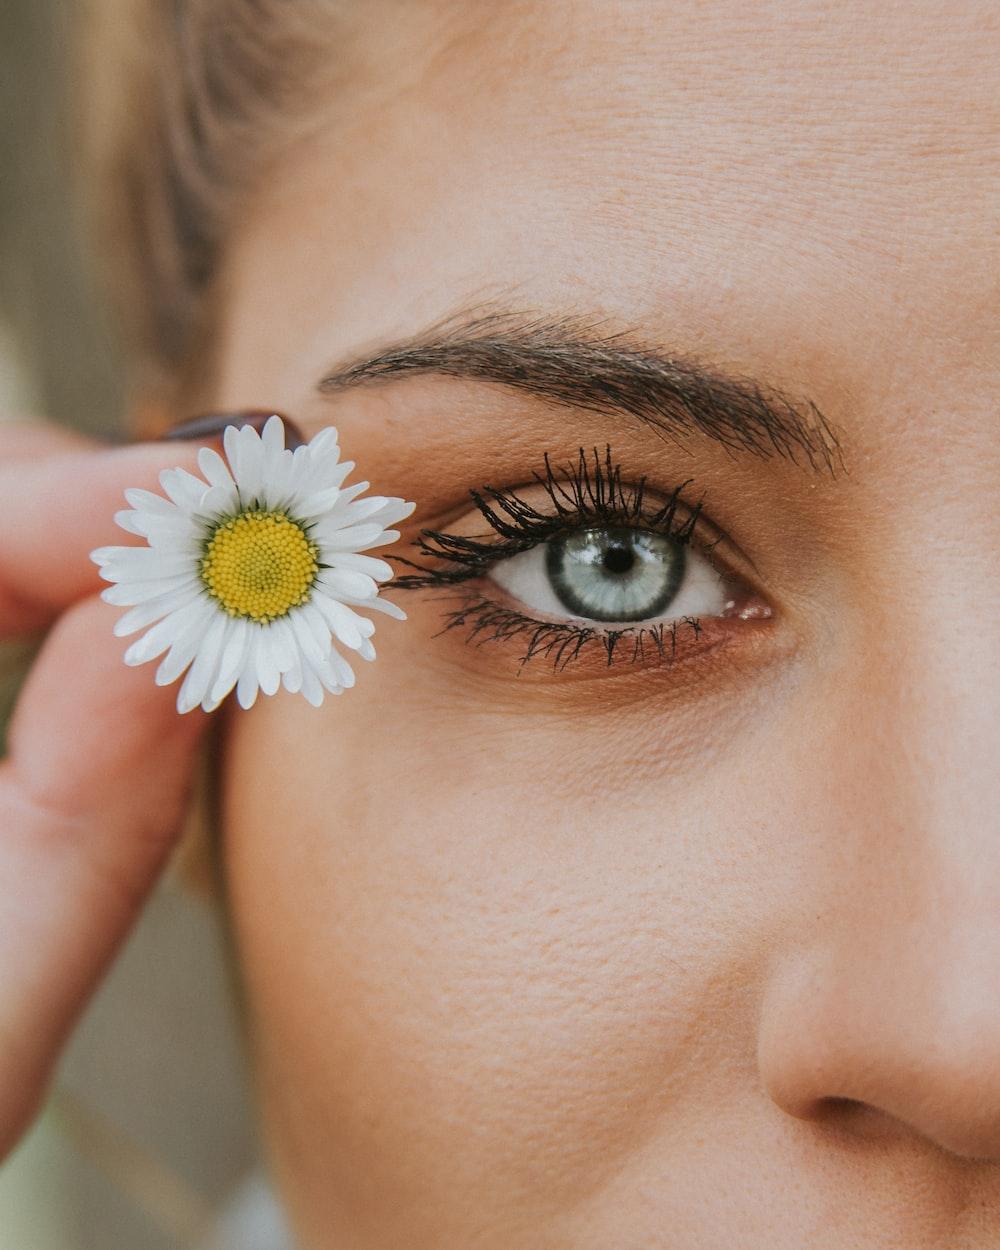 white petaled flower near woman eye